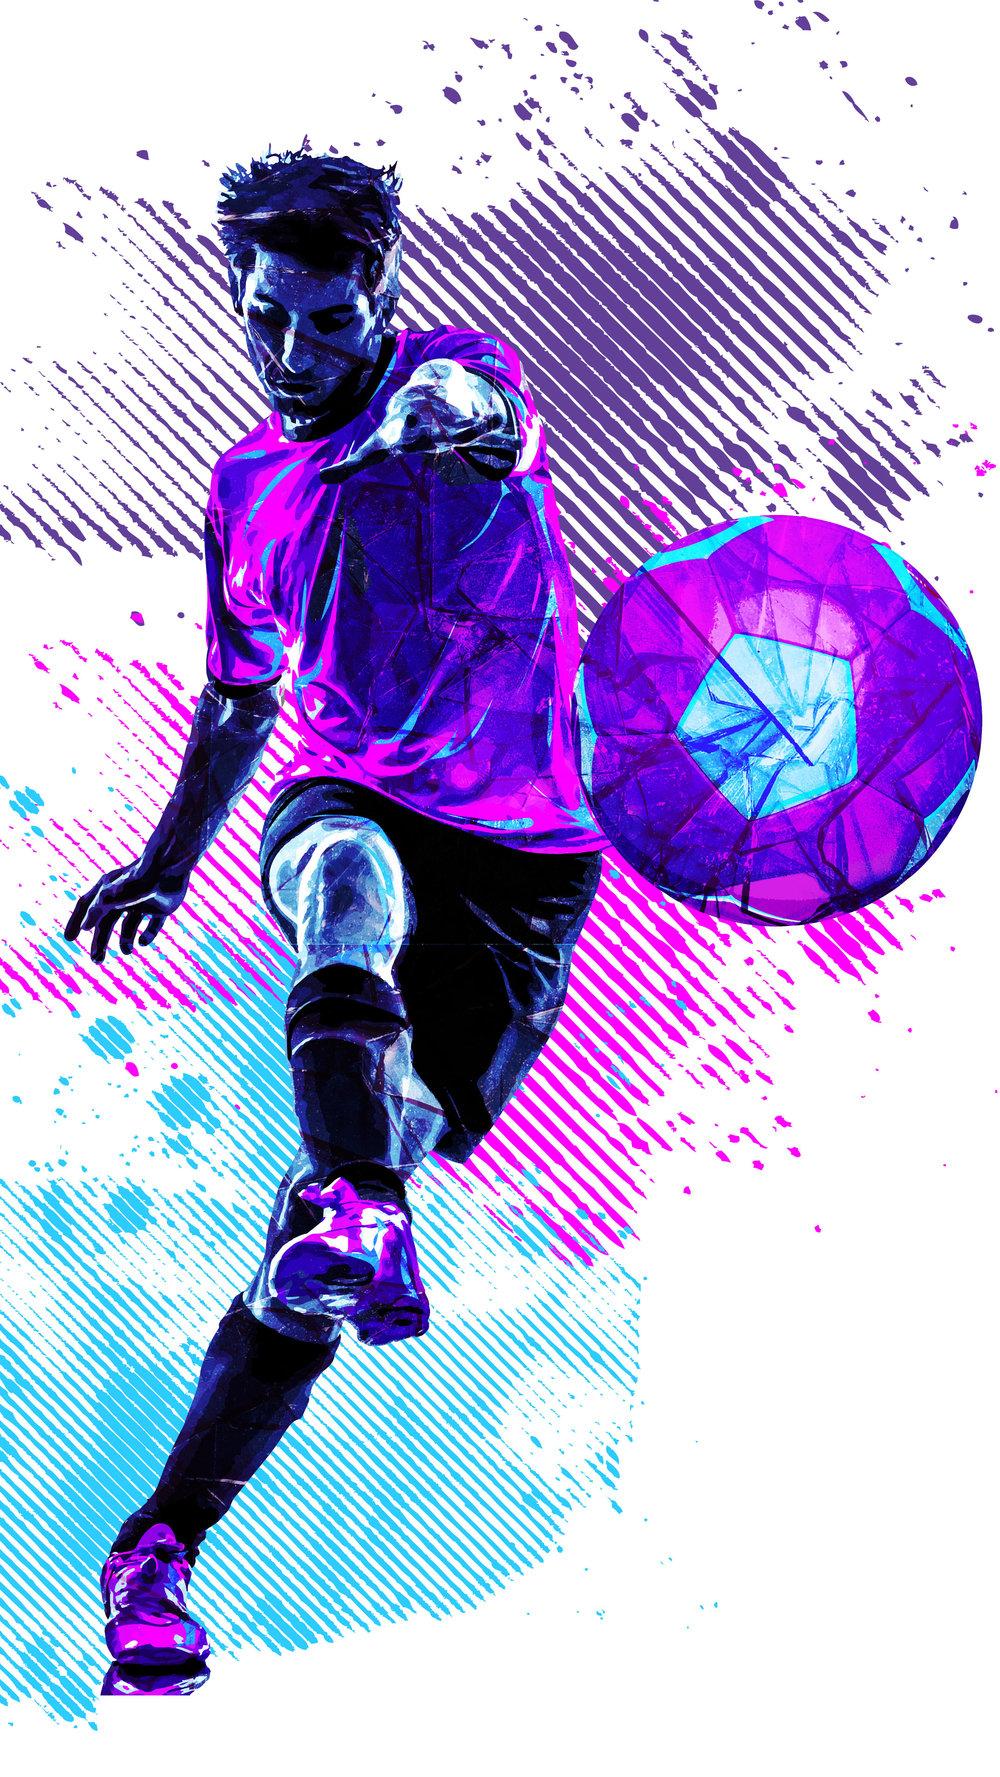 Soccerman-Purple-REVISED-01.jpg